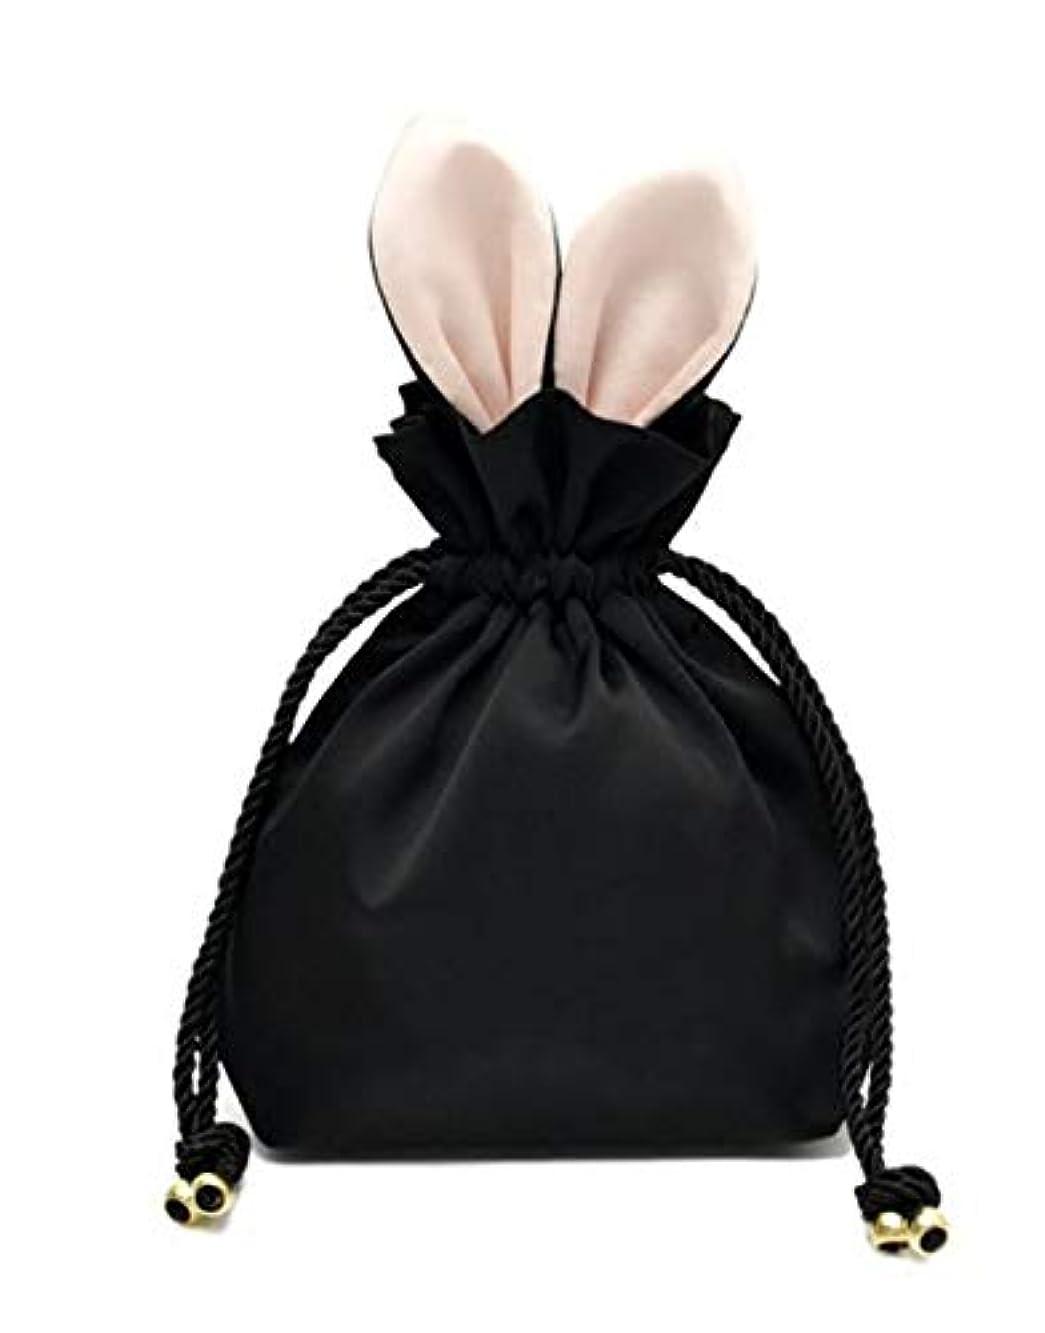 八百屋混乱ディスクウサギ コスメポーチ 化粧ポーチ 化粧品 たっぷり 収納 ポーチ 化粧バッグ メイクポーチ コスメケース 巾着 旅行 (ブラック)